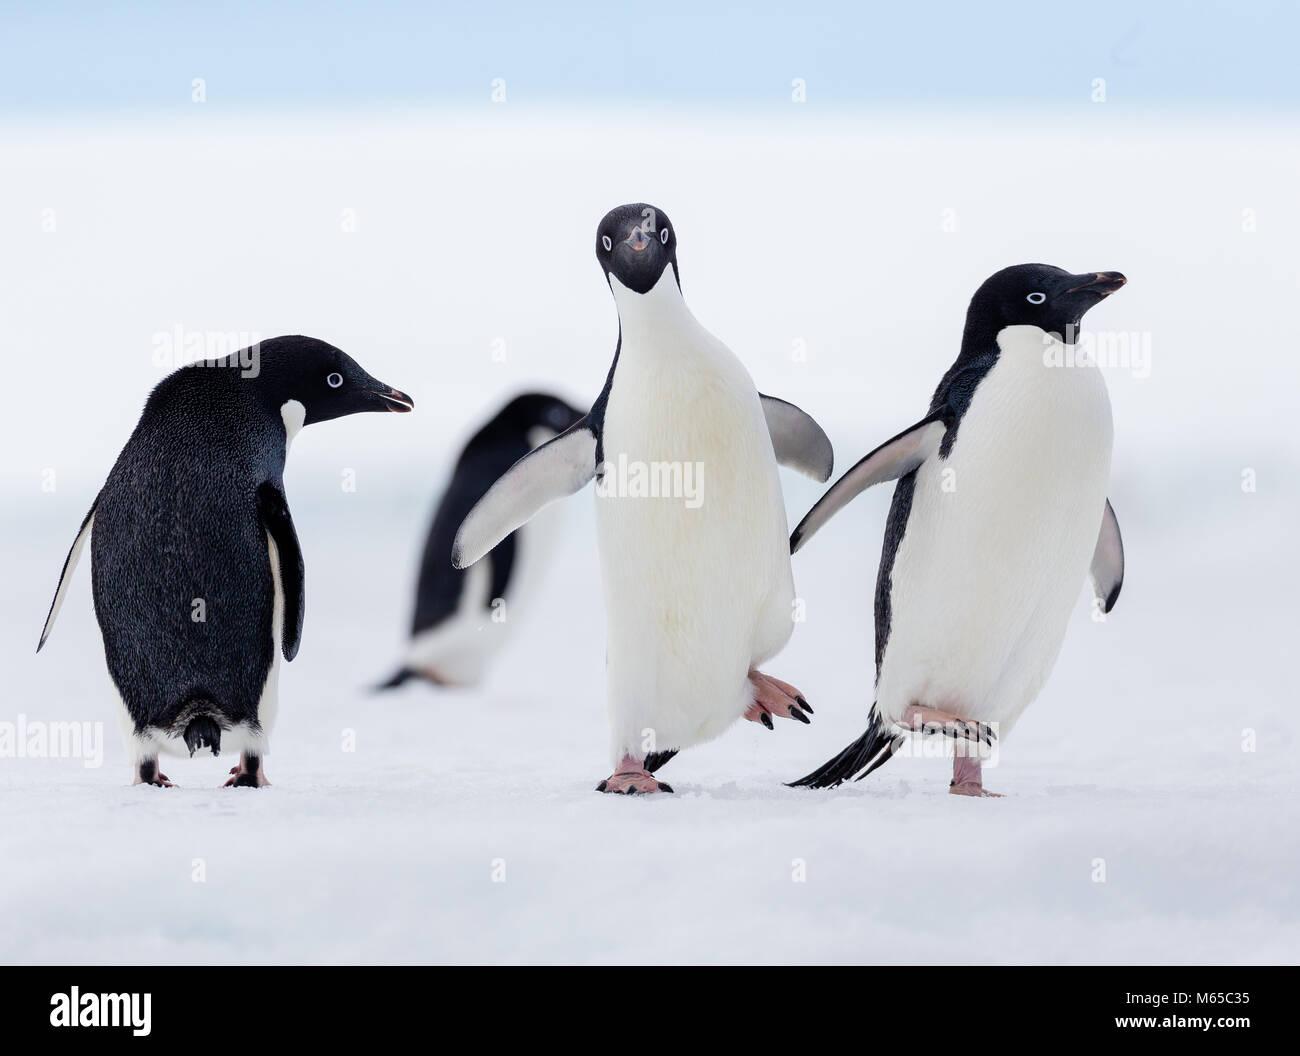 Un gruppo di pinguini Adelie a piedi su un flusso di ghiaccio al largo della costa di Joinville Island in Antartide Immagini Stock